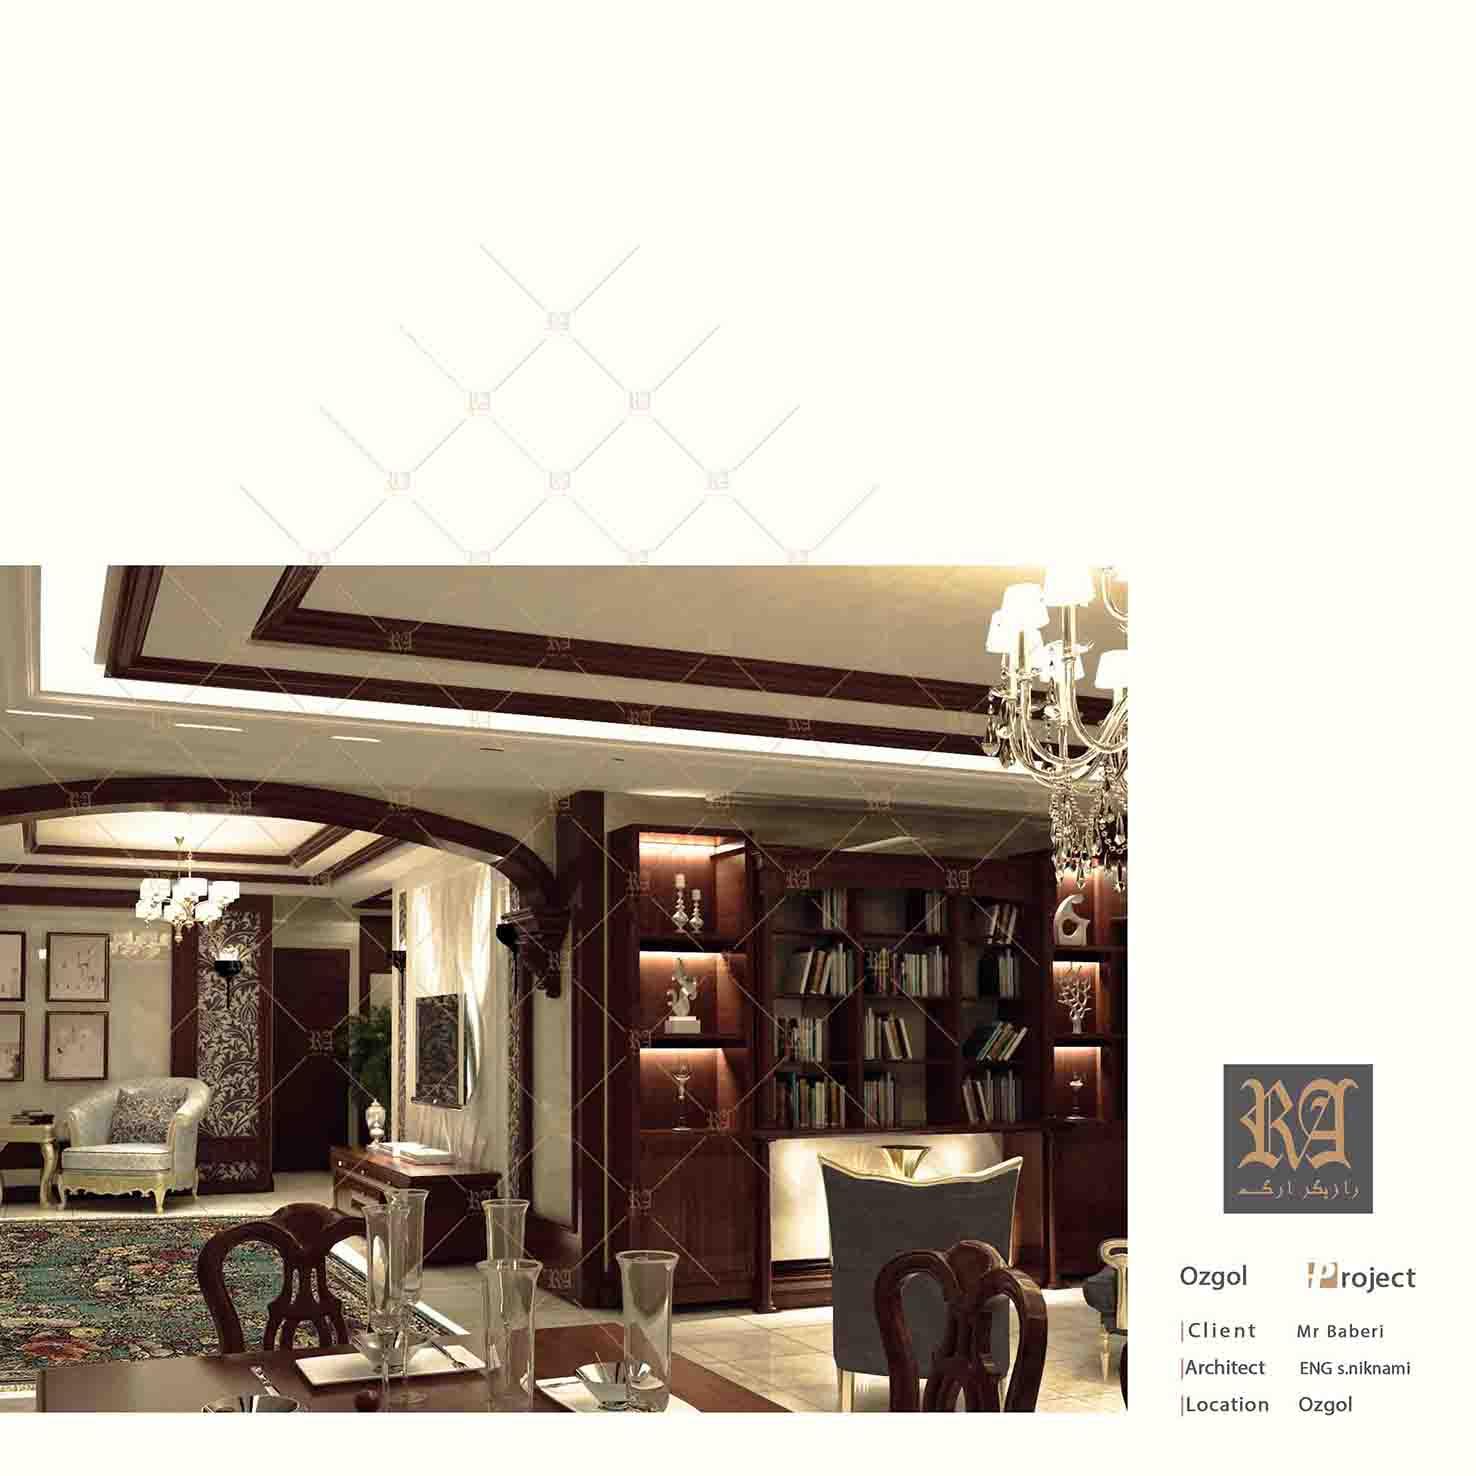 مهندسین رازیگر ارگ- طراحی داخلی مسکونی